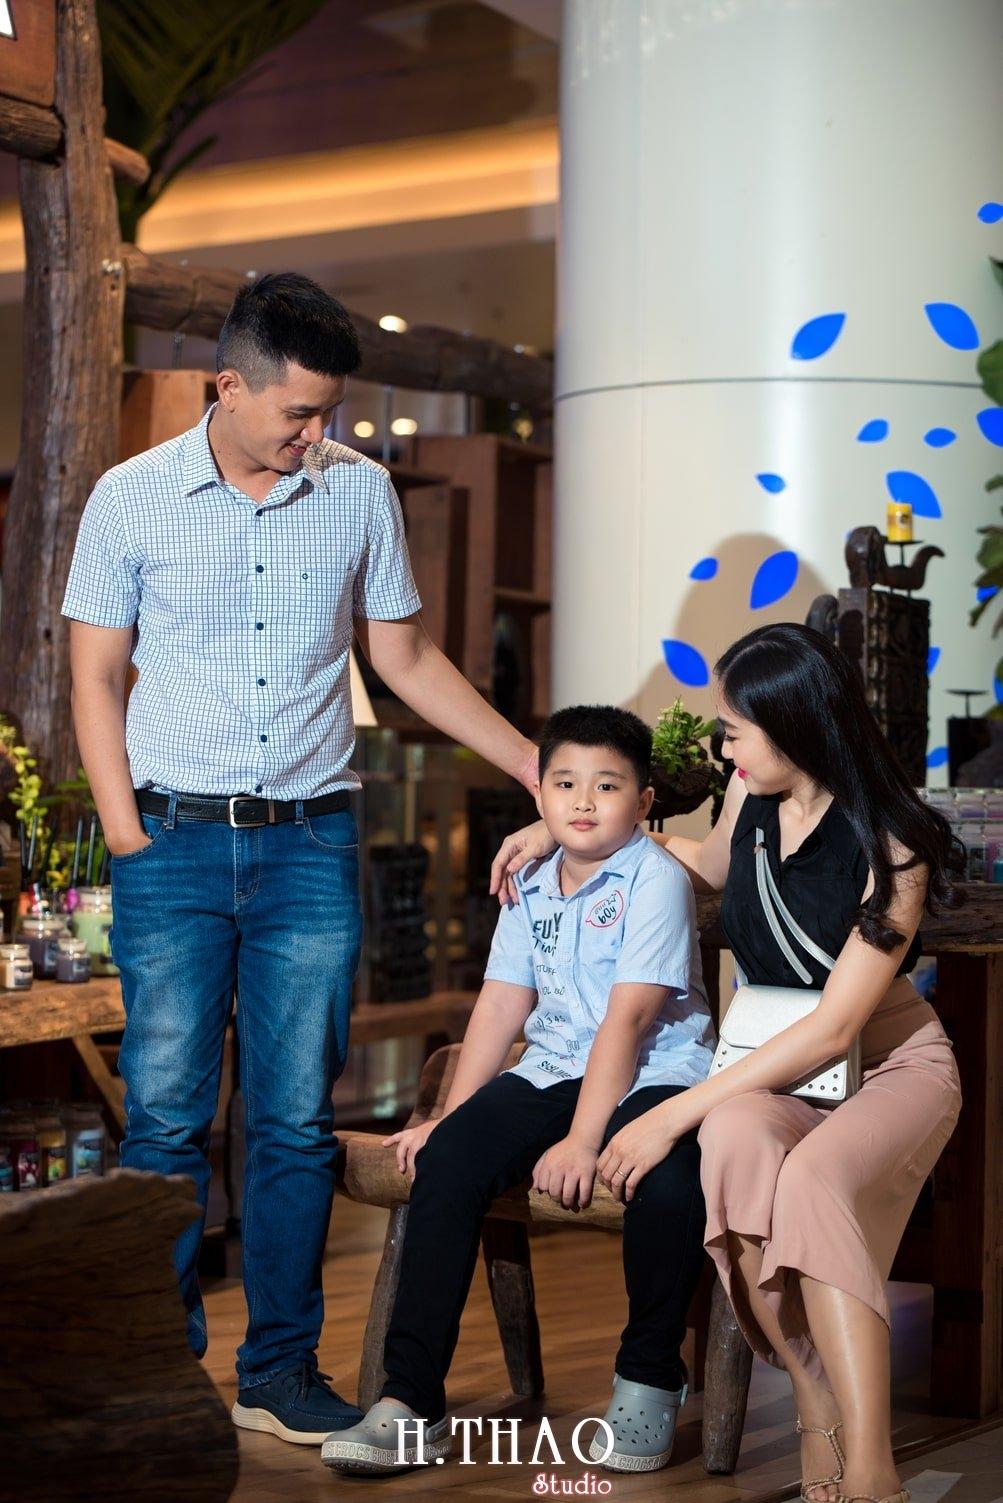 Anh Gia dinh 3 nguoi 24 - Bộ ảnh gia đình 3 người chụp ngoại cảnh đẹp tự nhiên - HThao Studio